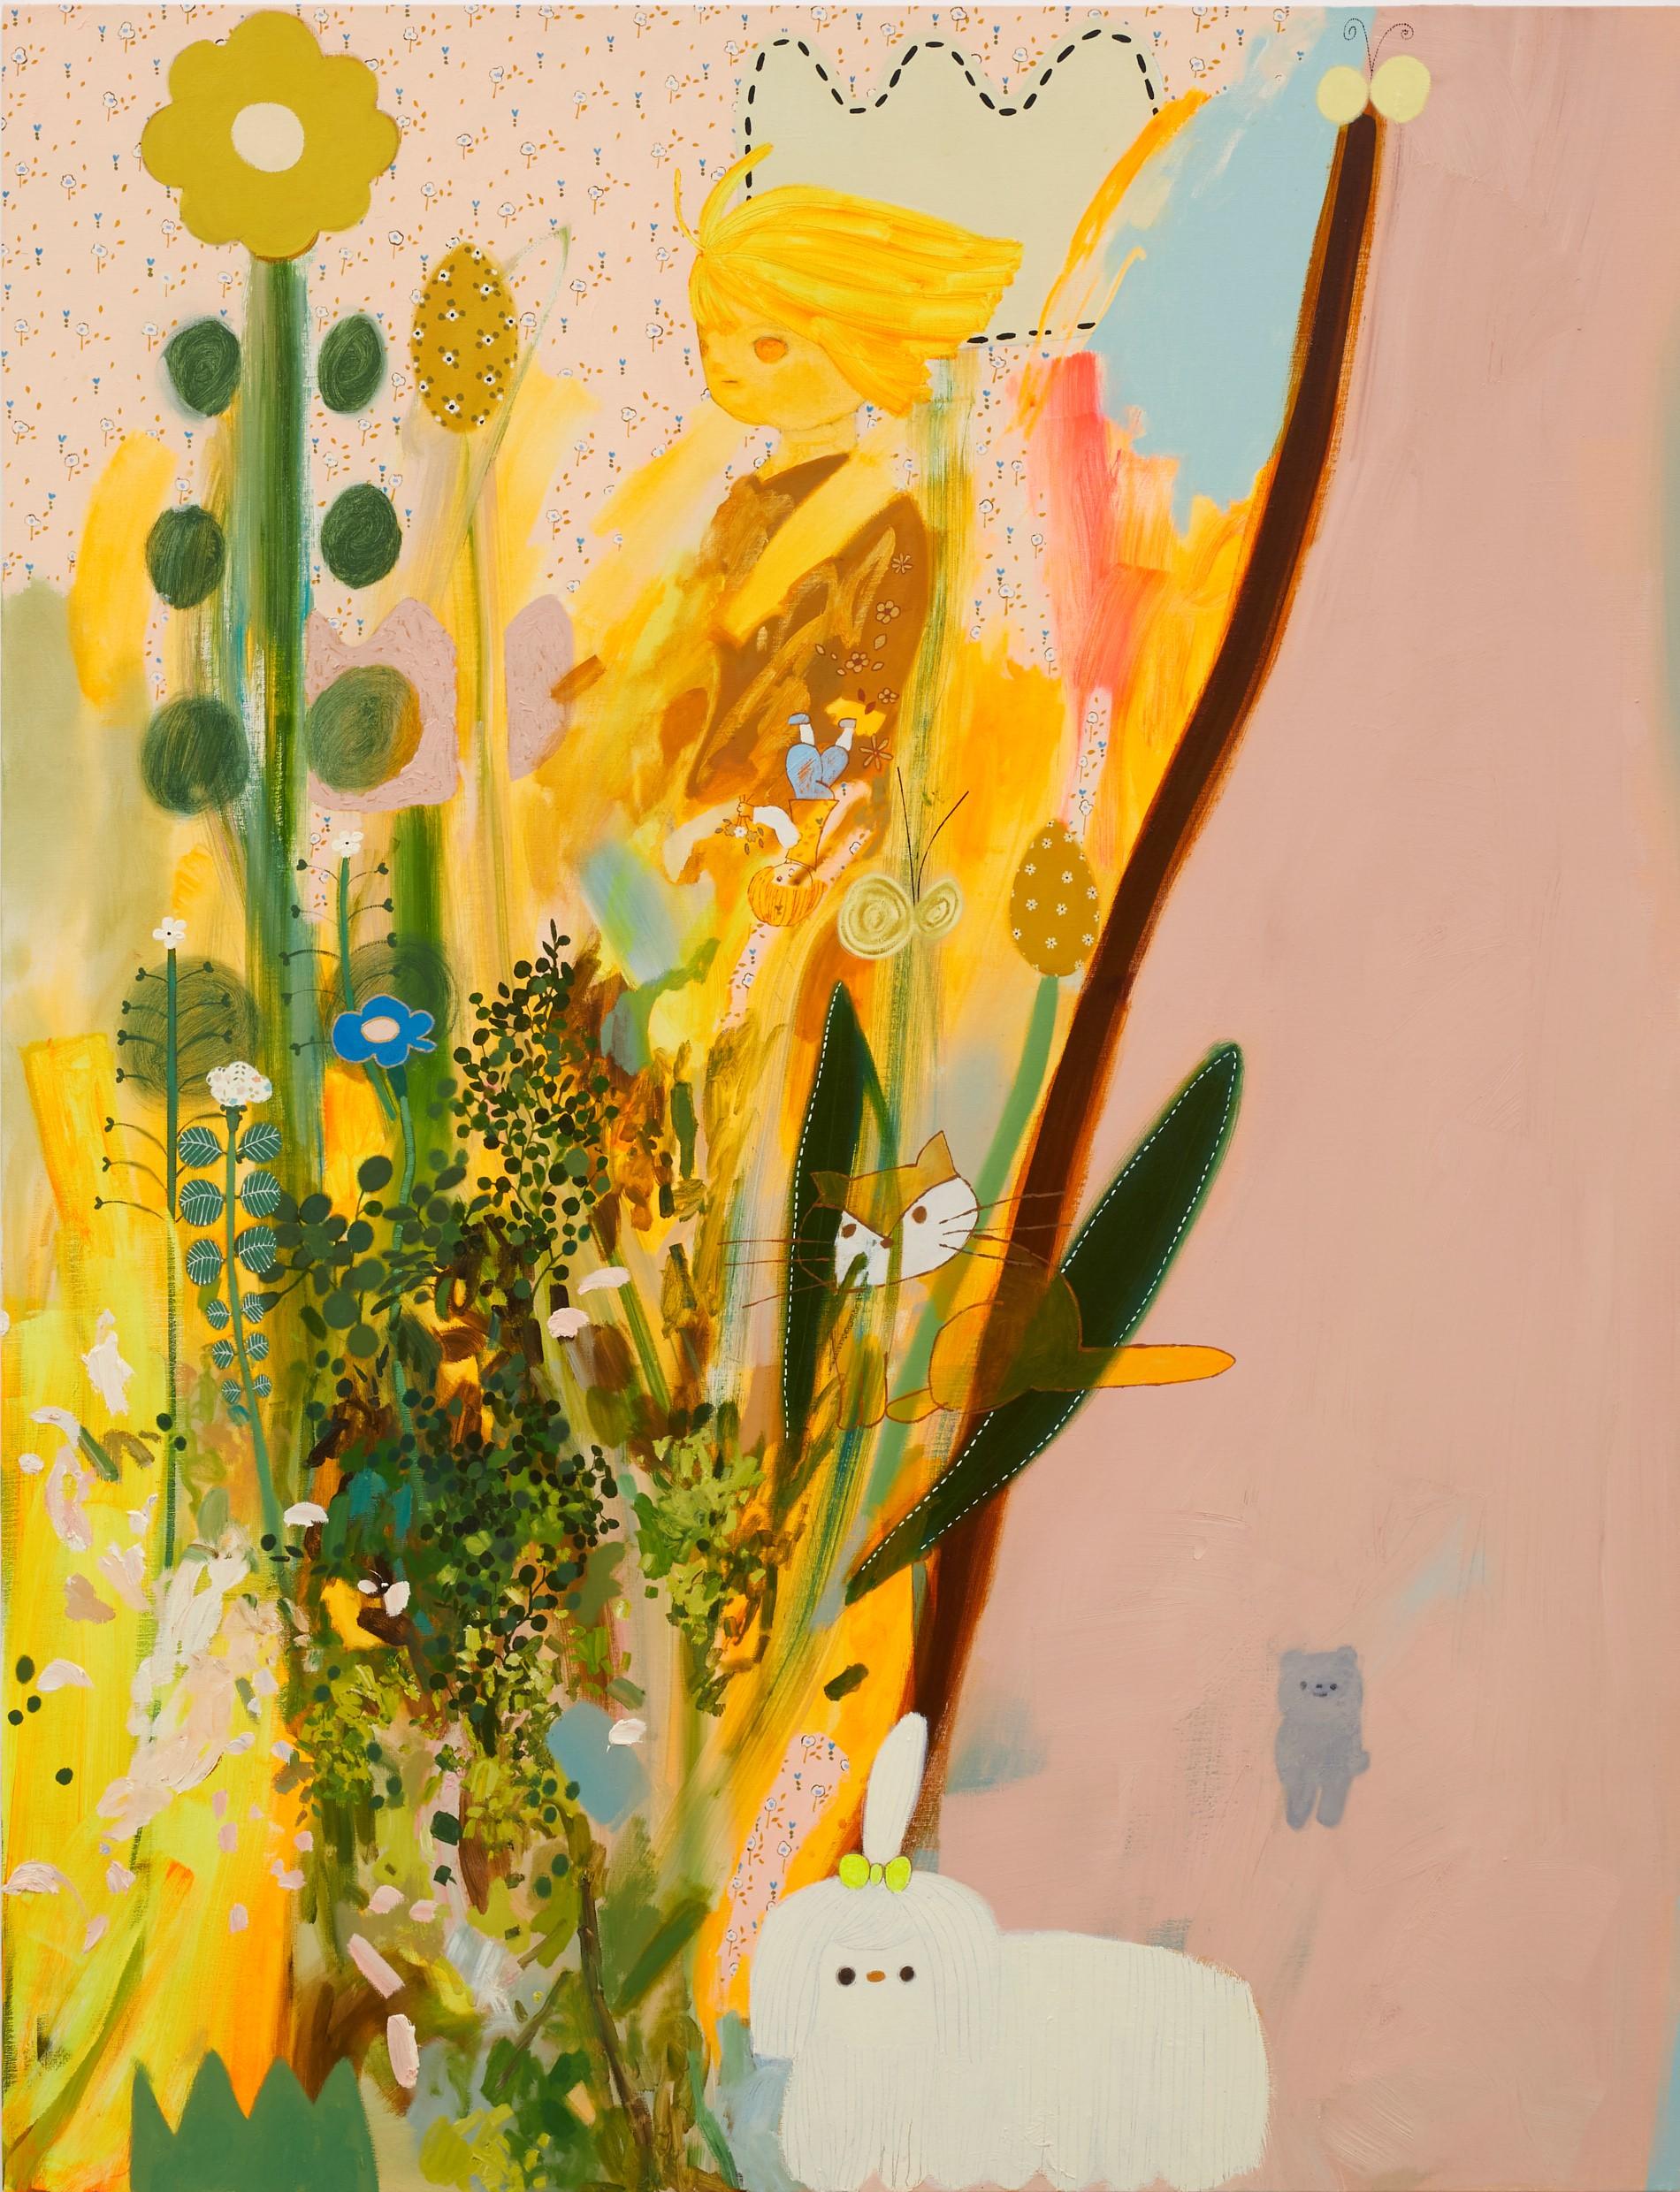 オレンジ色の光 2020 油彩在畫布 oil on canvas 145.5 x 112.0 cm